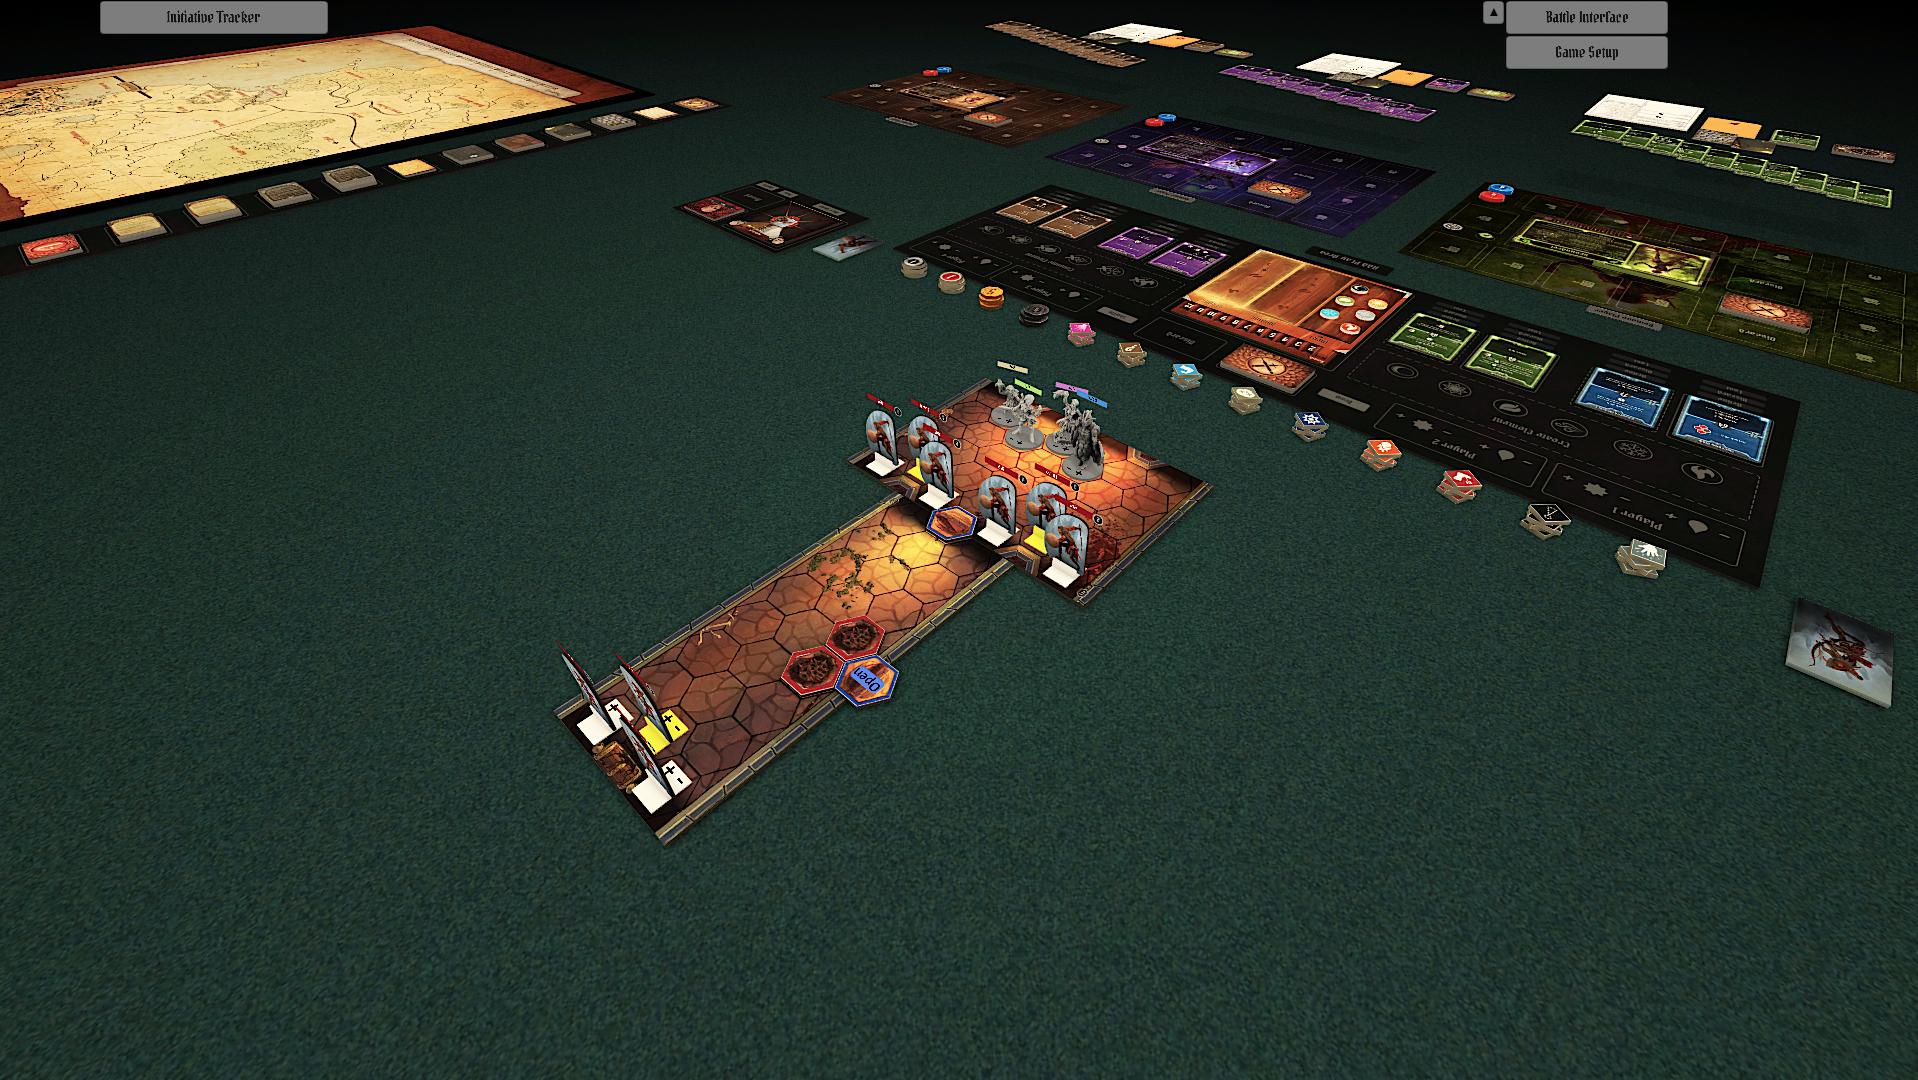 """Gloomhaven in Tabletop Simulator """"width ="""" 600 """"height ="""" 338 """"/> </p></noscript> <p> <strong> Gloomhaven </strong> è uno dei migliori giochi da tavolo di <strong> taglio fantastico </strong> che troverai sul mercato. Il suo mix di gioco di <strong> ruolo </strong><strong> strategia </strong> e <strong> cooperazione </strong> rendono questo uno dei migliori titoli da godere dal mod di Tabletop Simulator. Ciò include sia la campagna originale del gioco che la sua espansione <strong> Forgotten Circles </strong>. Inoltre, ha una grafica dettagliata che alla fine rende ogni gioco di questo fantastico gioco un vero piacere. . </p> <p> <strong> SCARICA GLOOMHAVEN DALLO STEAM WORKSHOP </strong> </p> <h3> <strong> Tradimento a House on the Hill </strong> </h3> <p> <img   alt="""